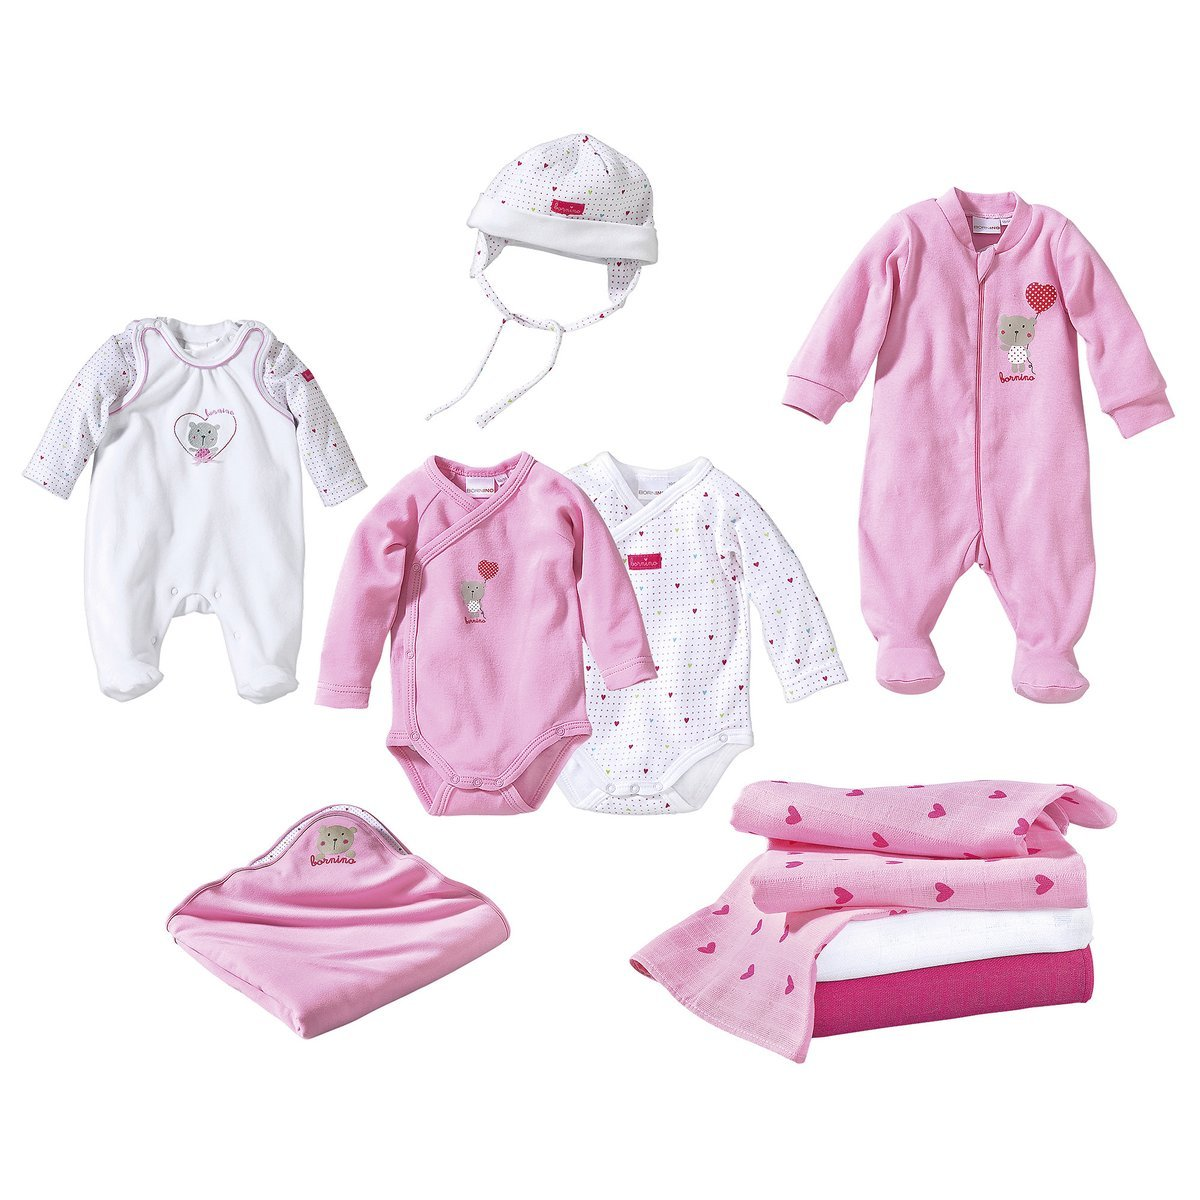 Bornino Baby Erstausstattungsset 10-tlg. / Babybekleidung Mädchen/Geschenk Geburt/rosa/weiß